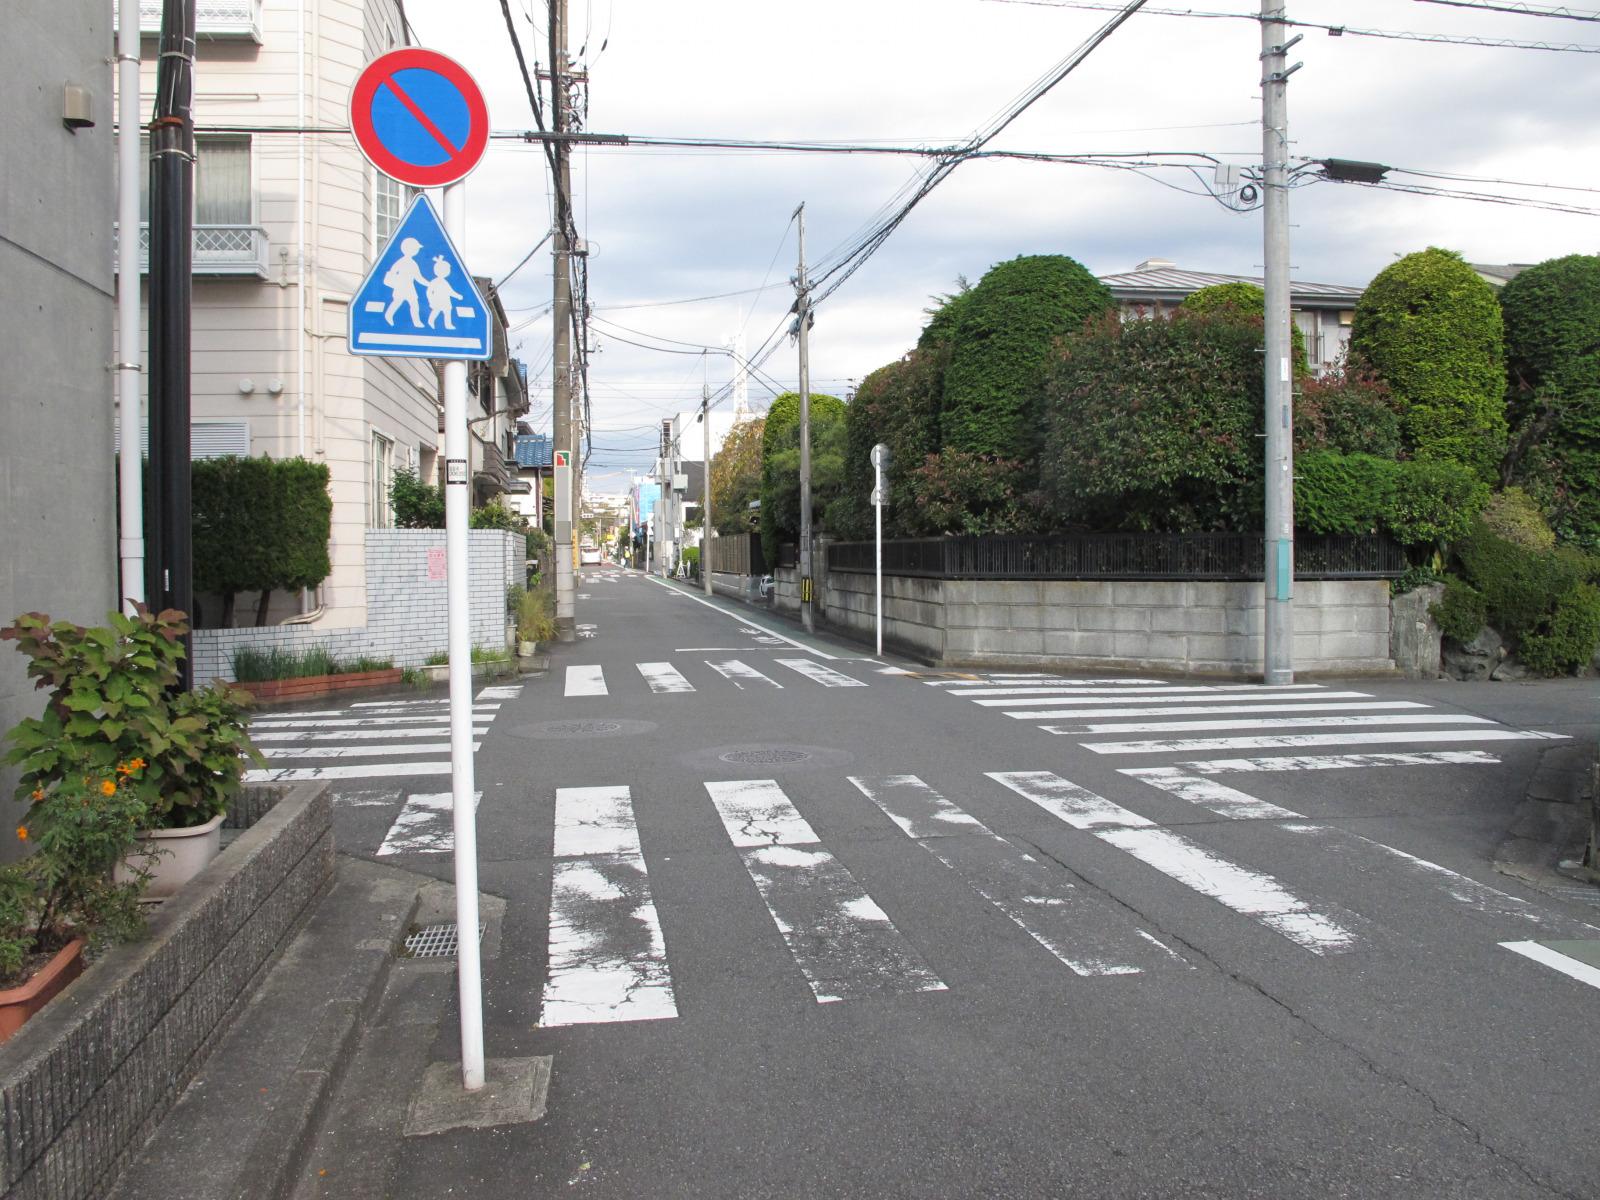 「覚えていますか「横断歩道は歩行者優先」。無視して通過すると大事故や罰則も! 」の3枚目の画像